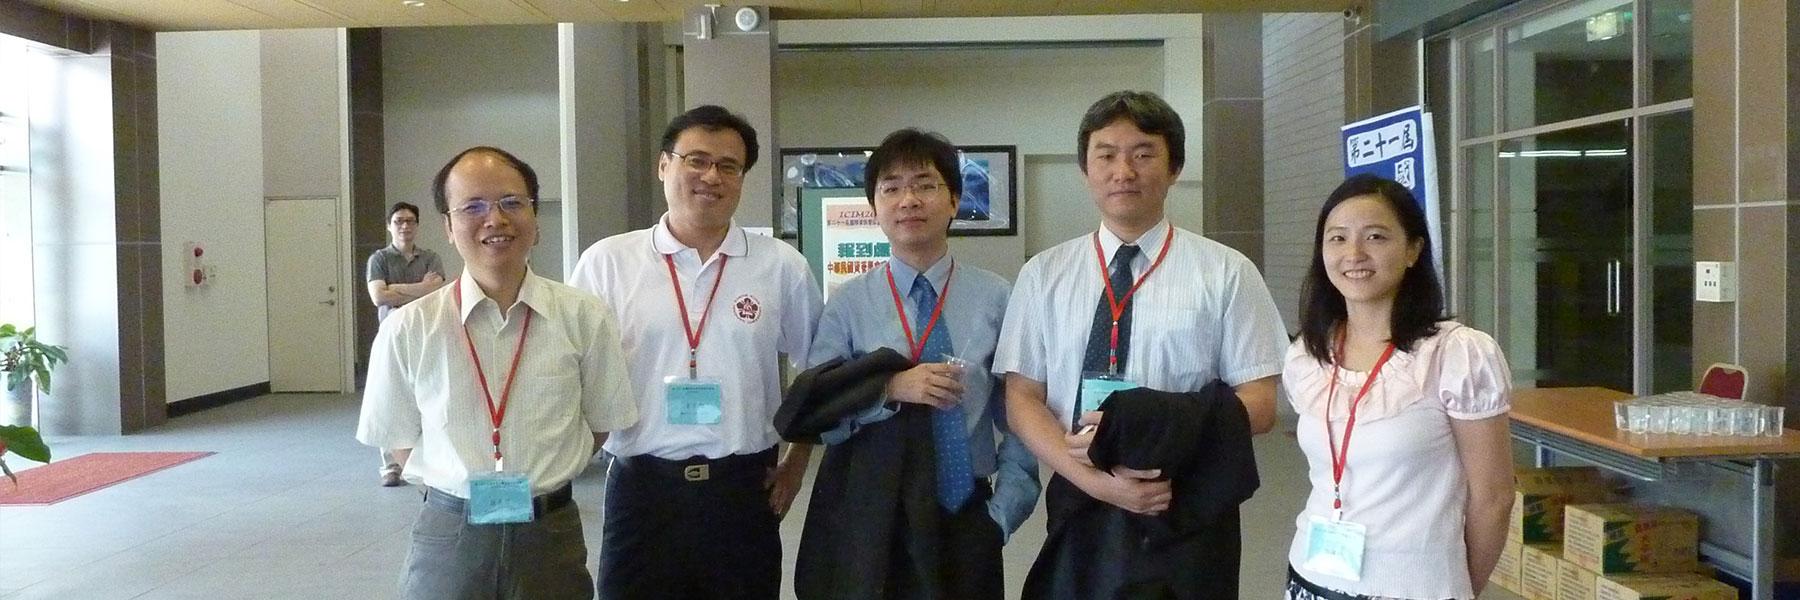 第21屆國際資訊管理學術研討會